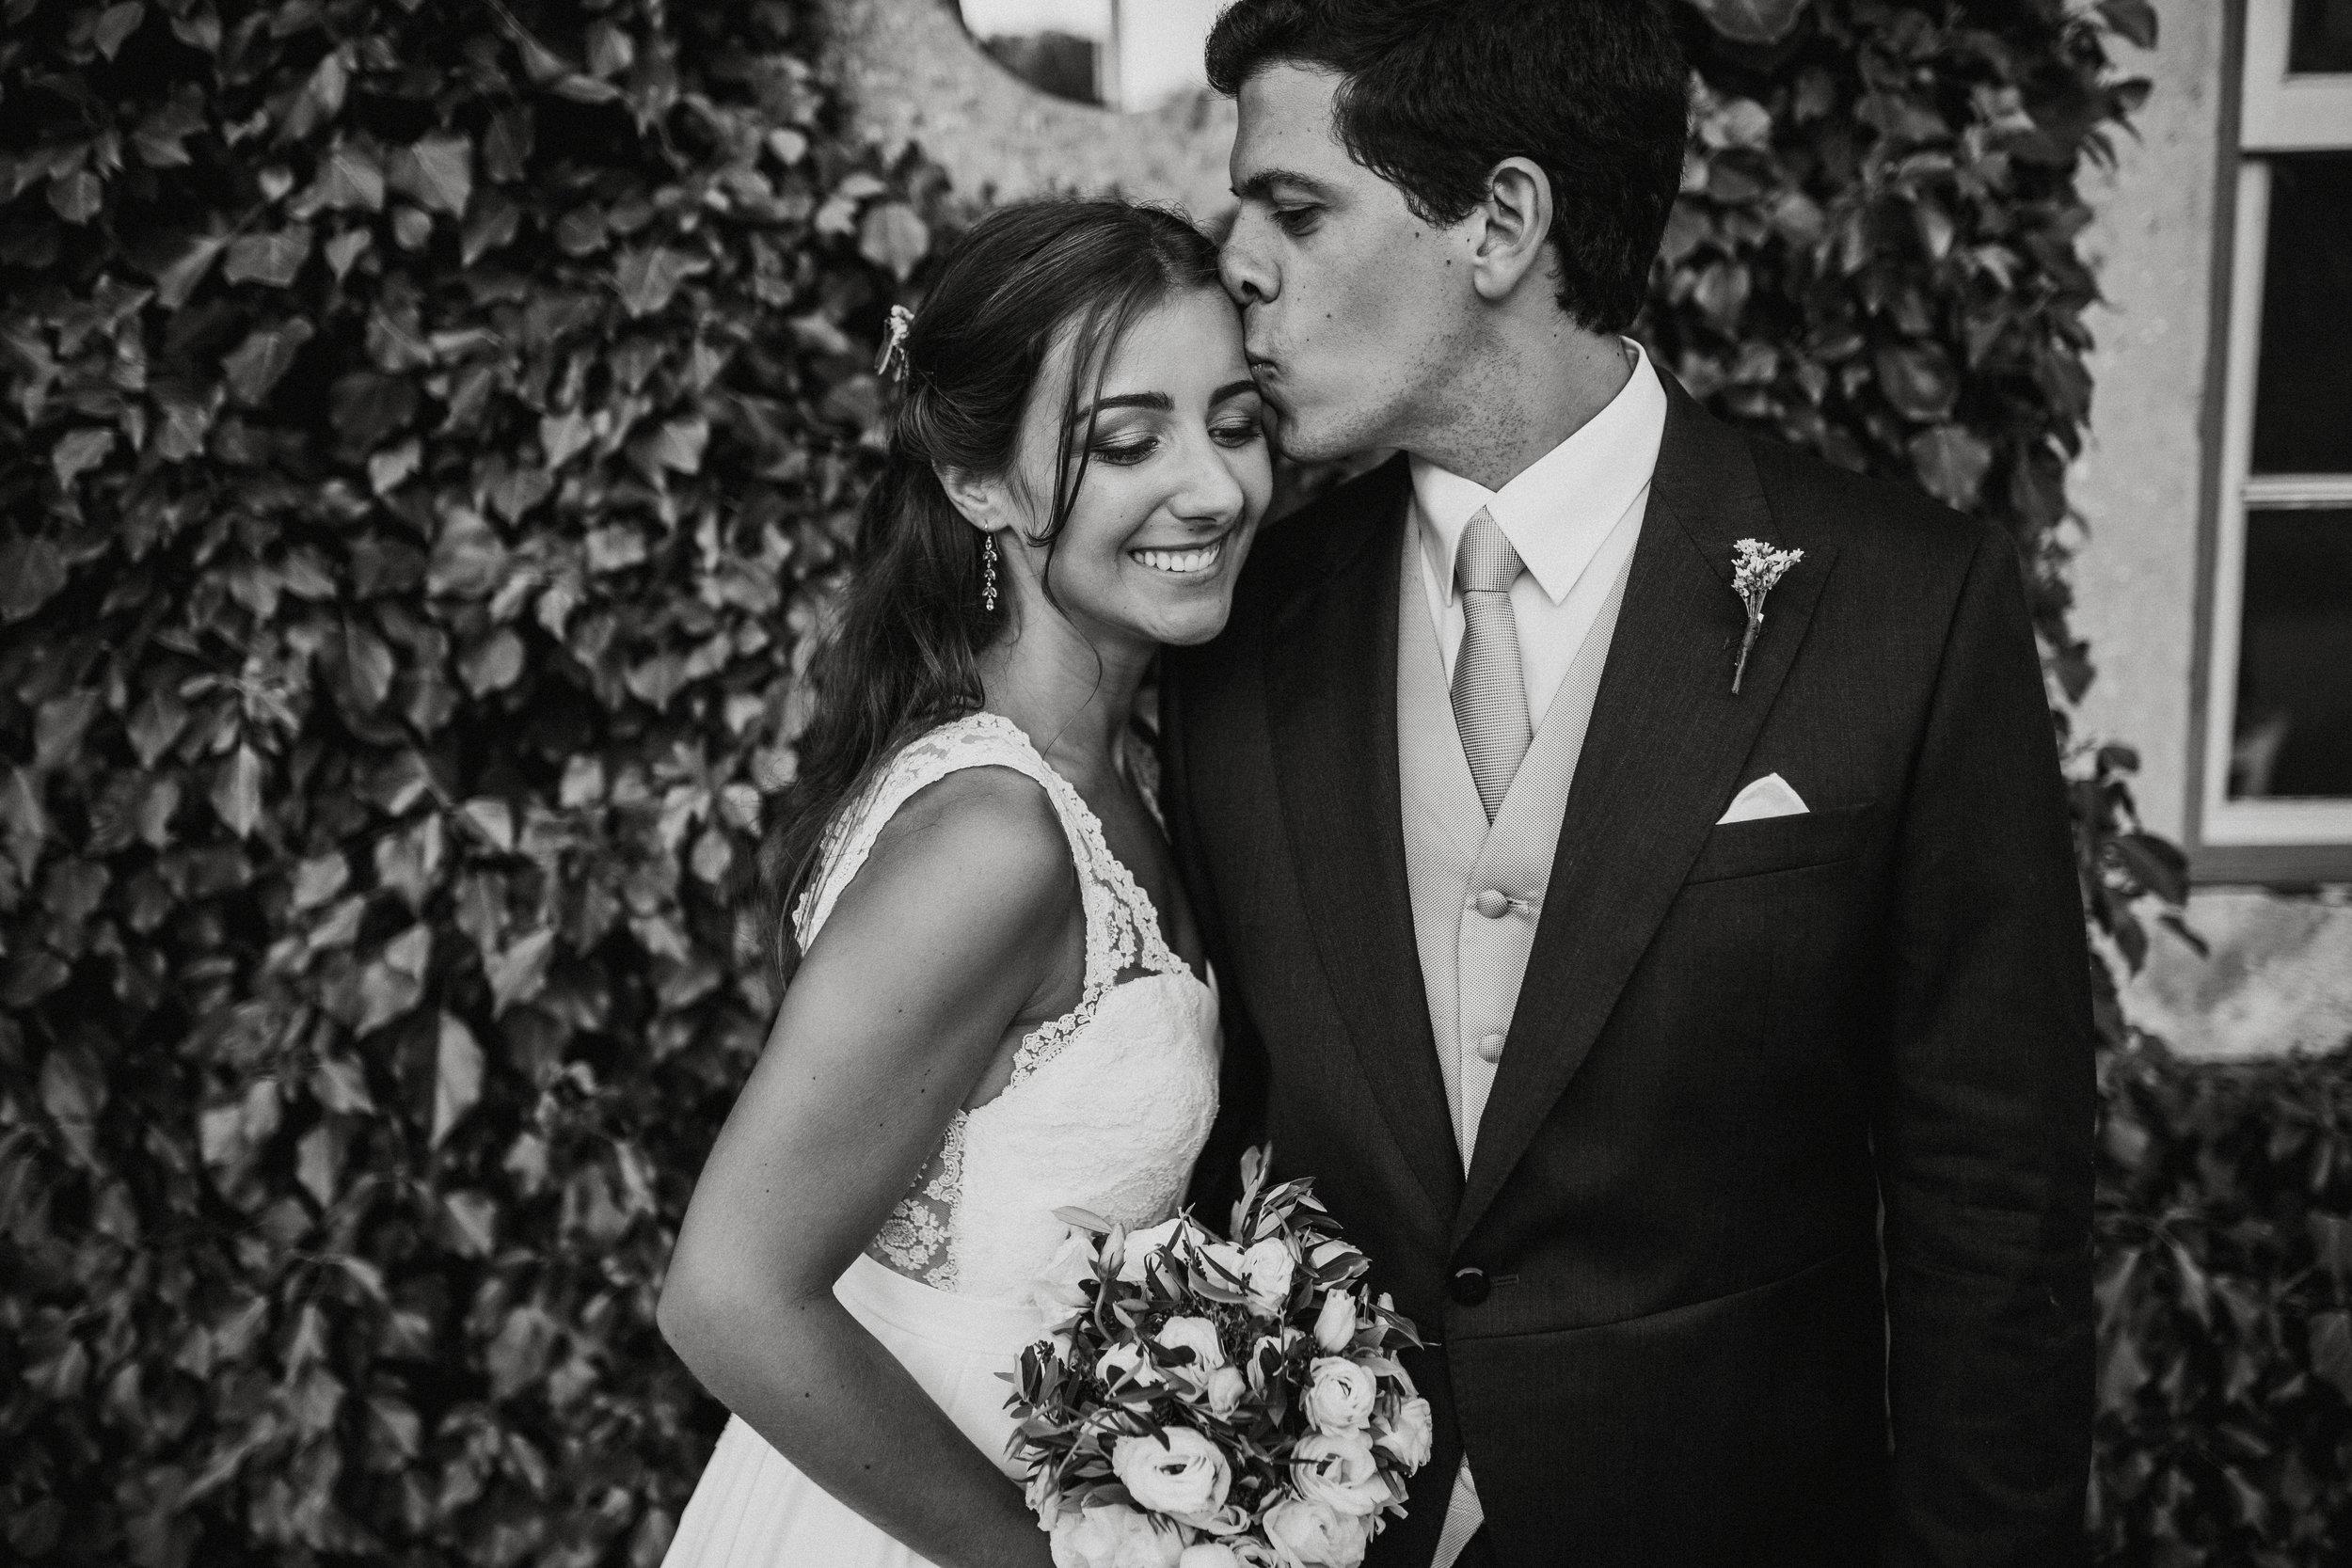 I&J_633_ 14_julho_2018 WEDDING DAY.jpg